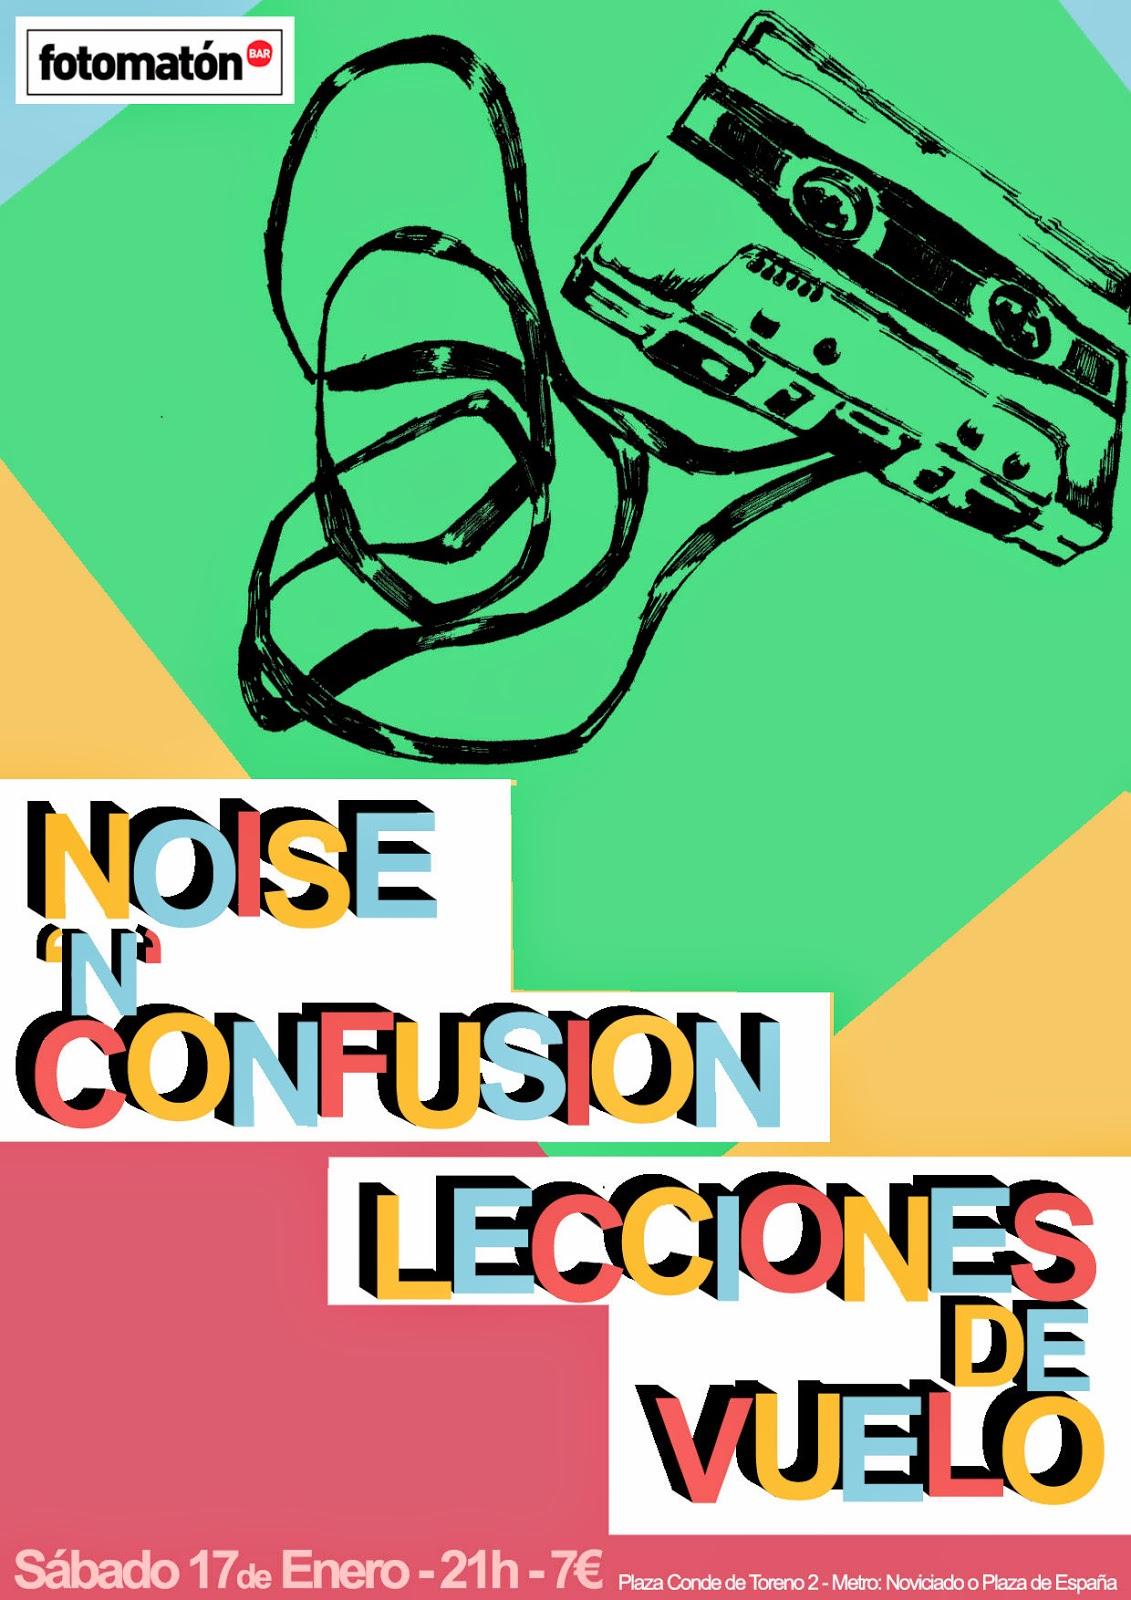 Noise n Confusion presenta Picnic en el Fotomatón de Madrid junto a Lecciones de vuelo